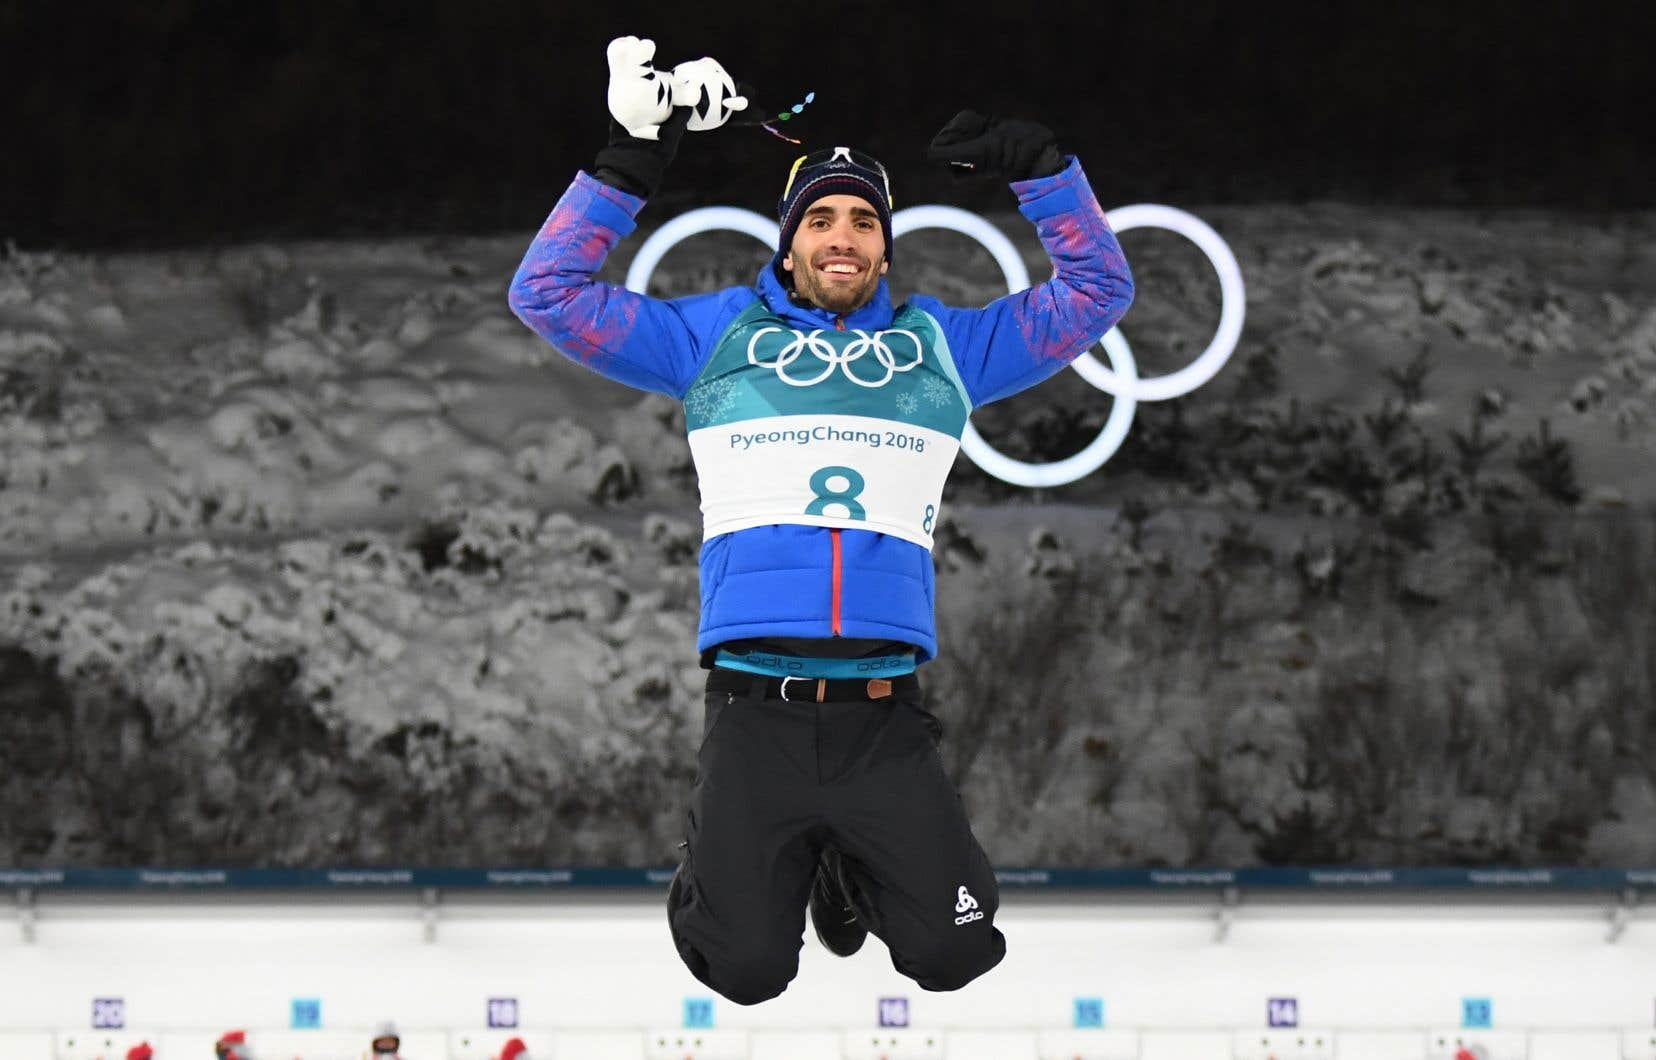 Le Français Martin Fourcade saute sur le podium lors de la cérémonie de victoire après avoir concouru dans le biathlon de 12,5 km masculin.